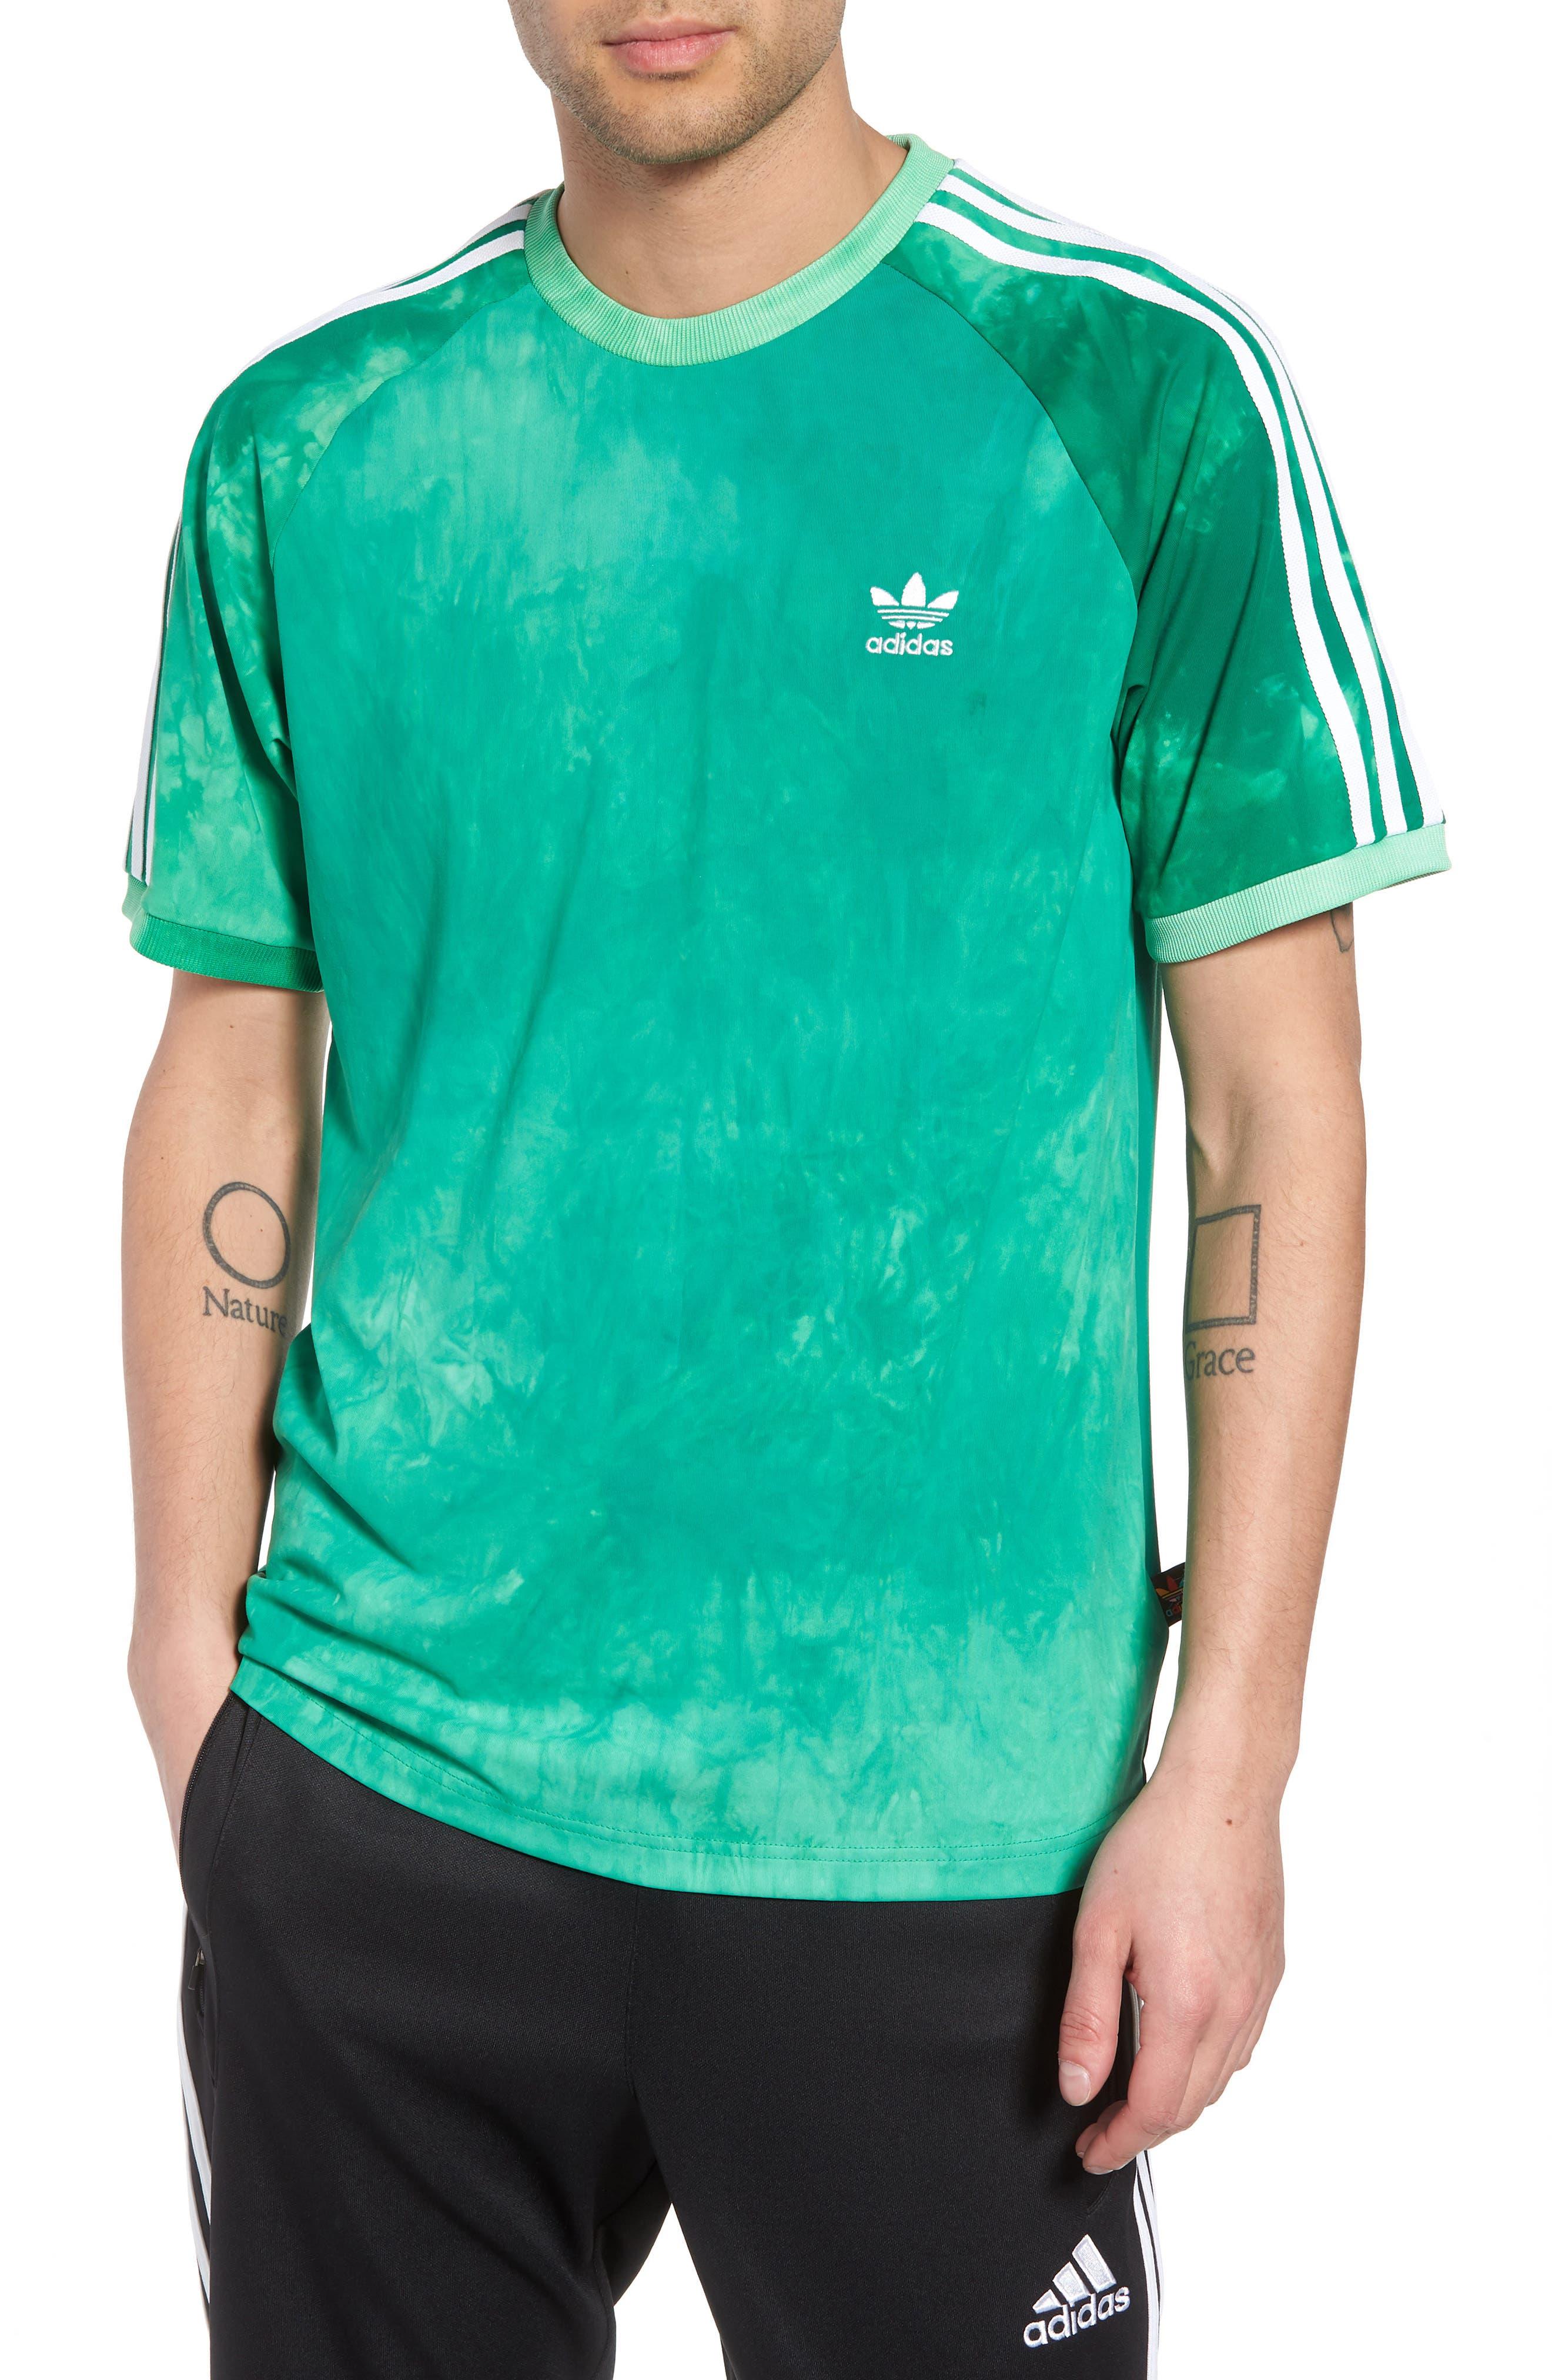 Adidas Originals Adidas hombre 's Originals Pharrell Williams Hu Holi t